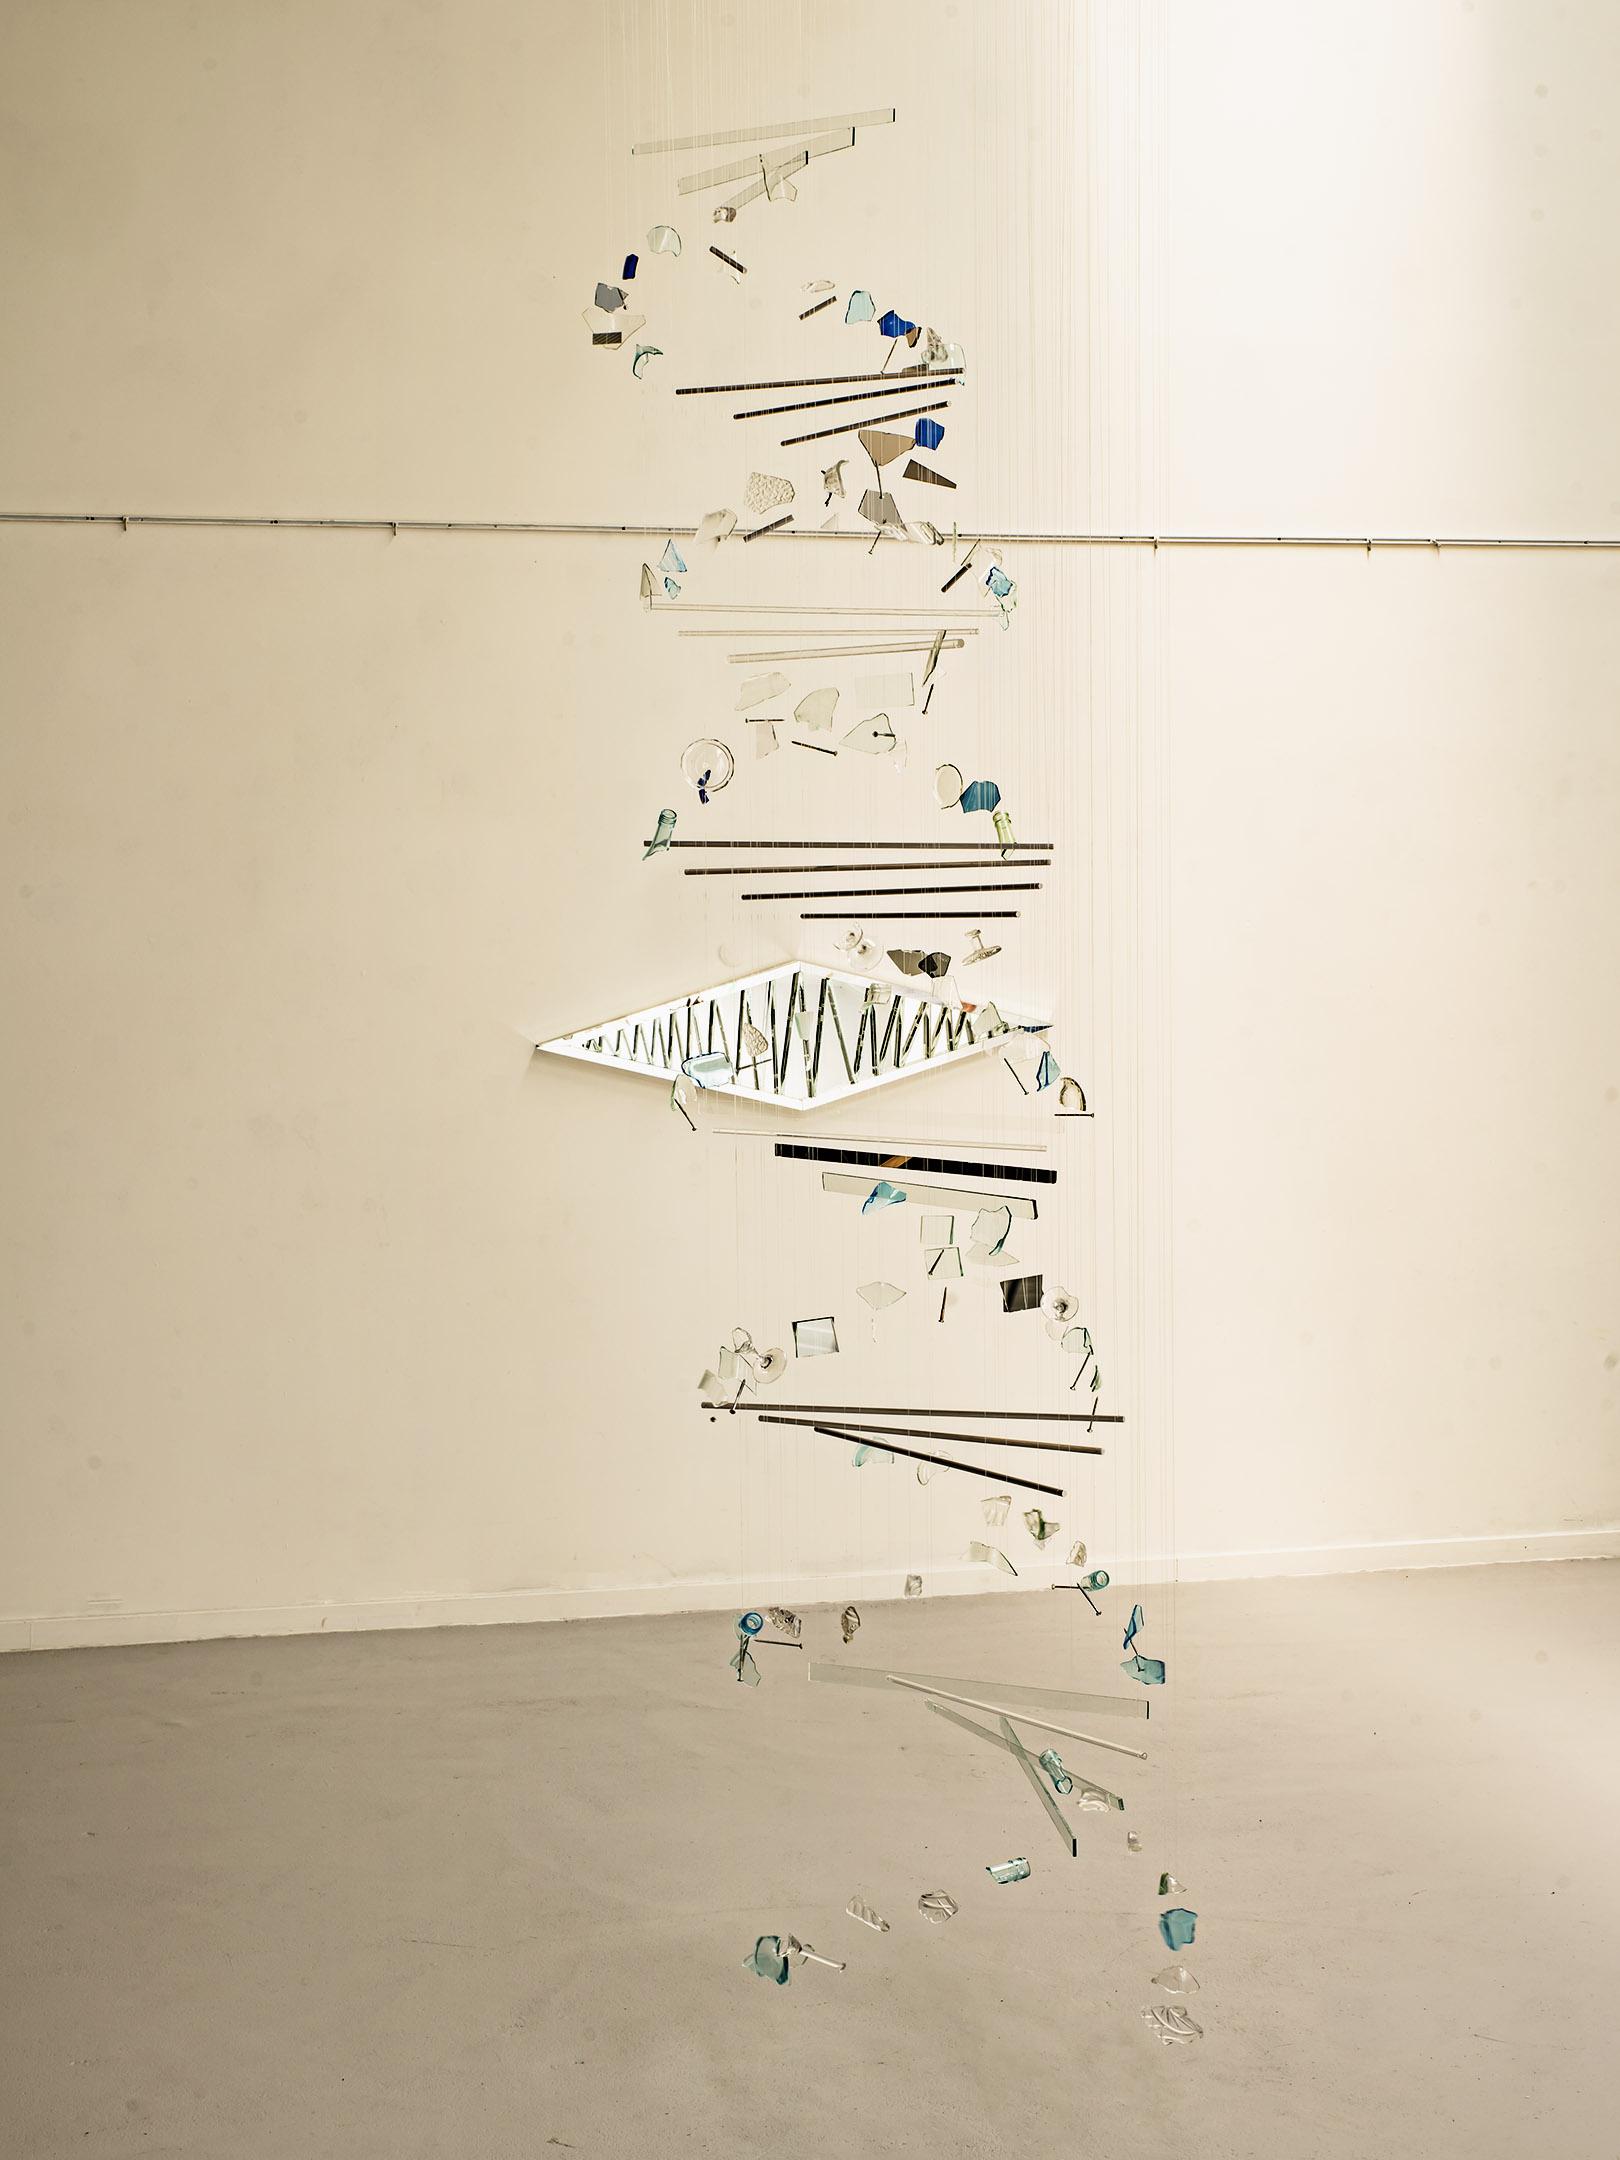 DNA molekyle